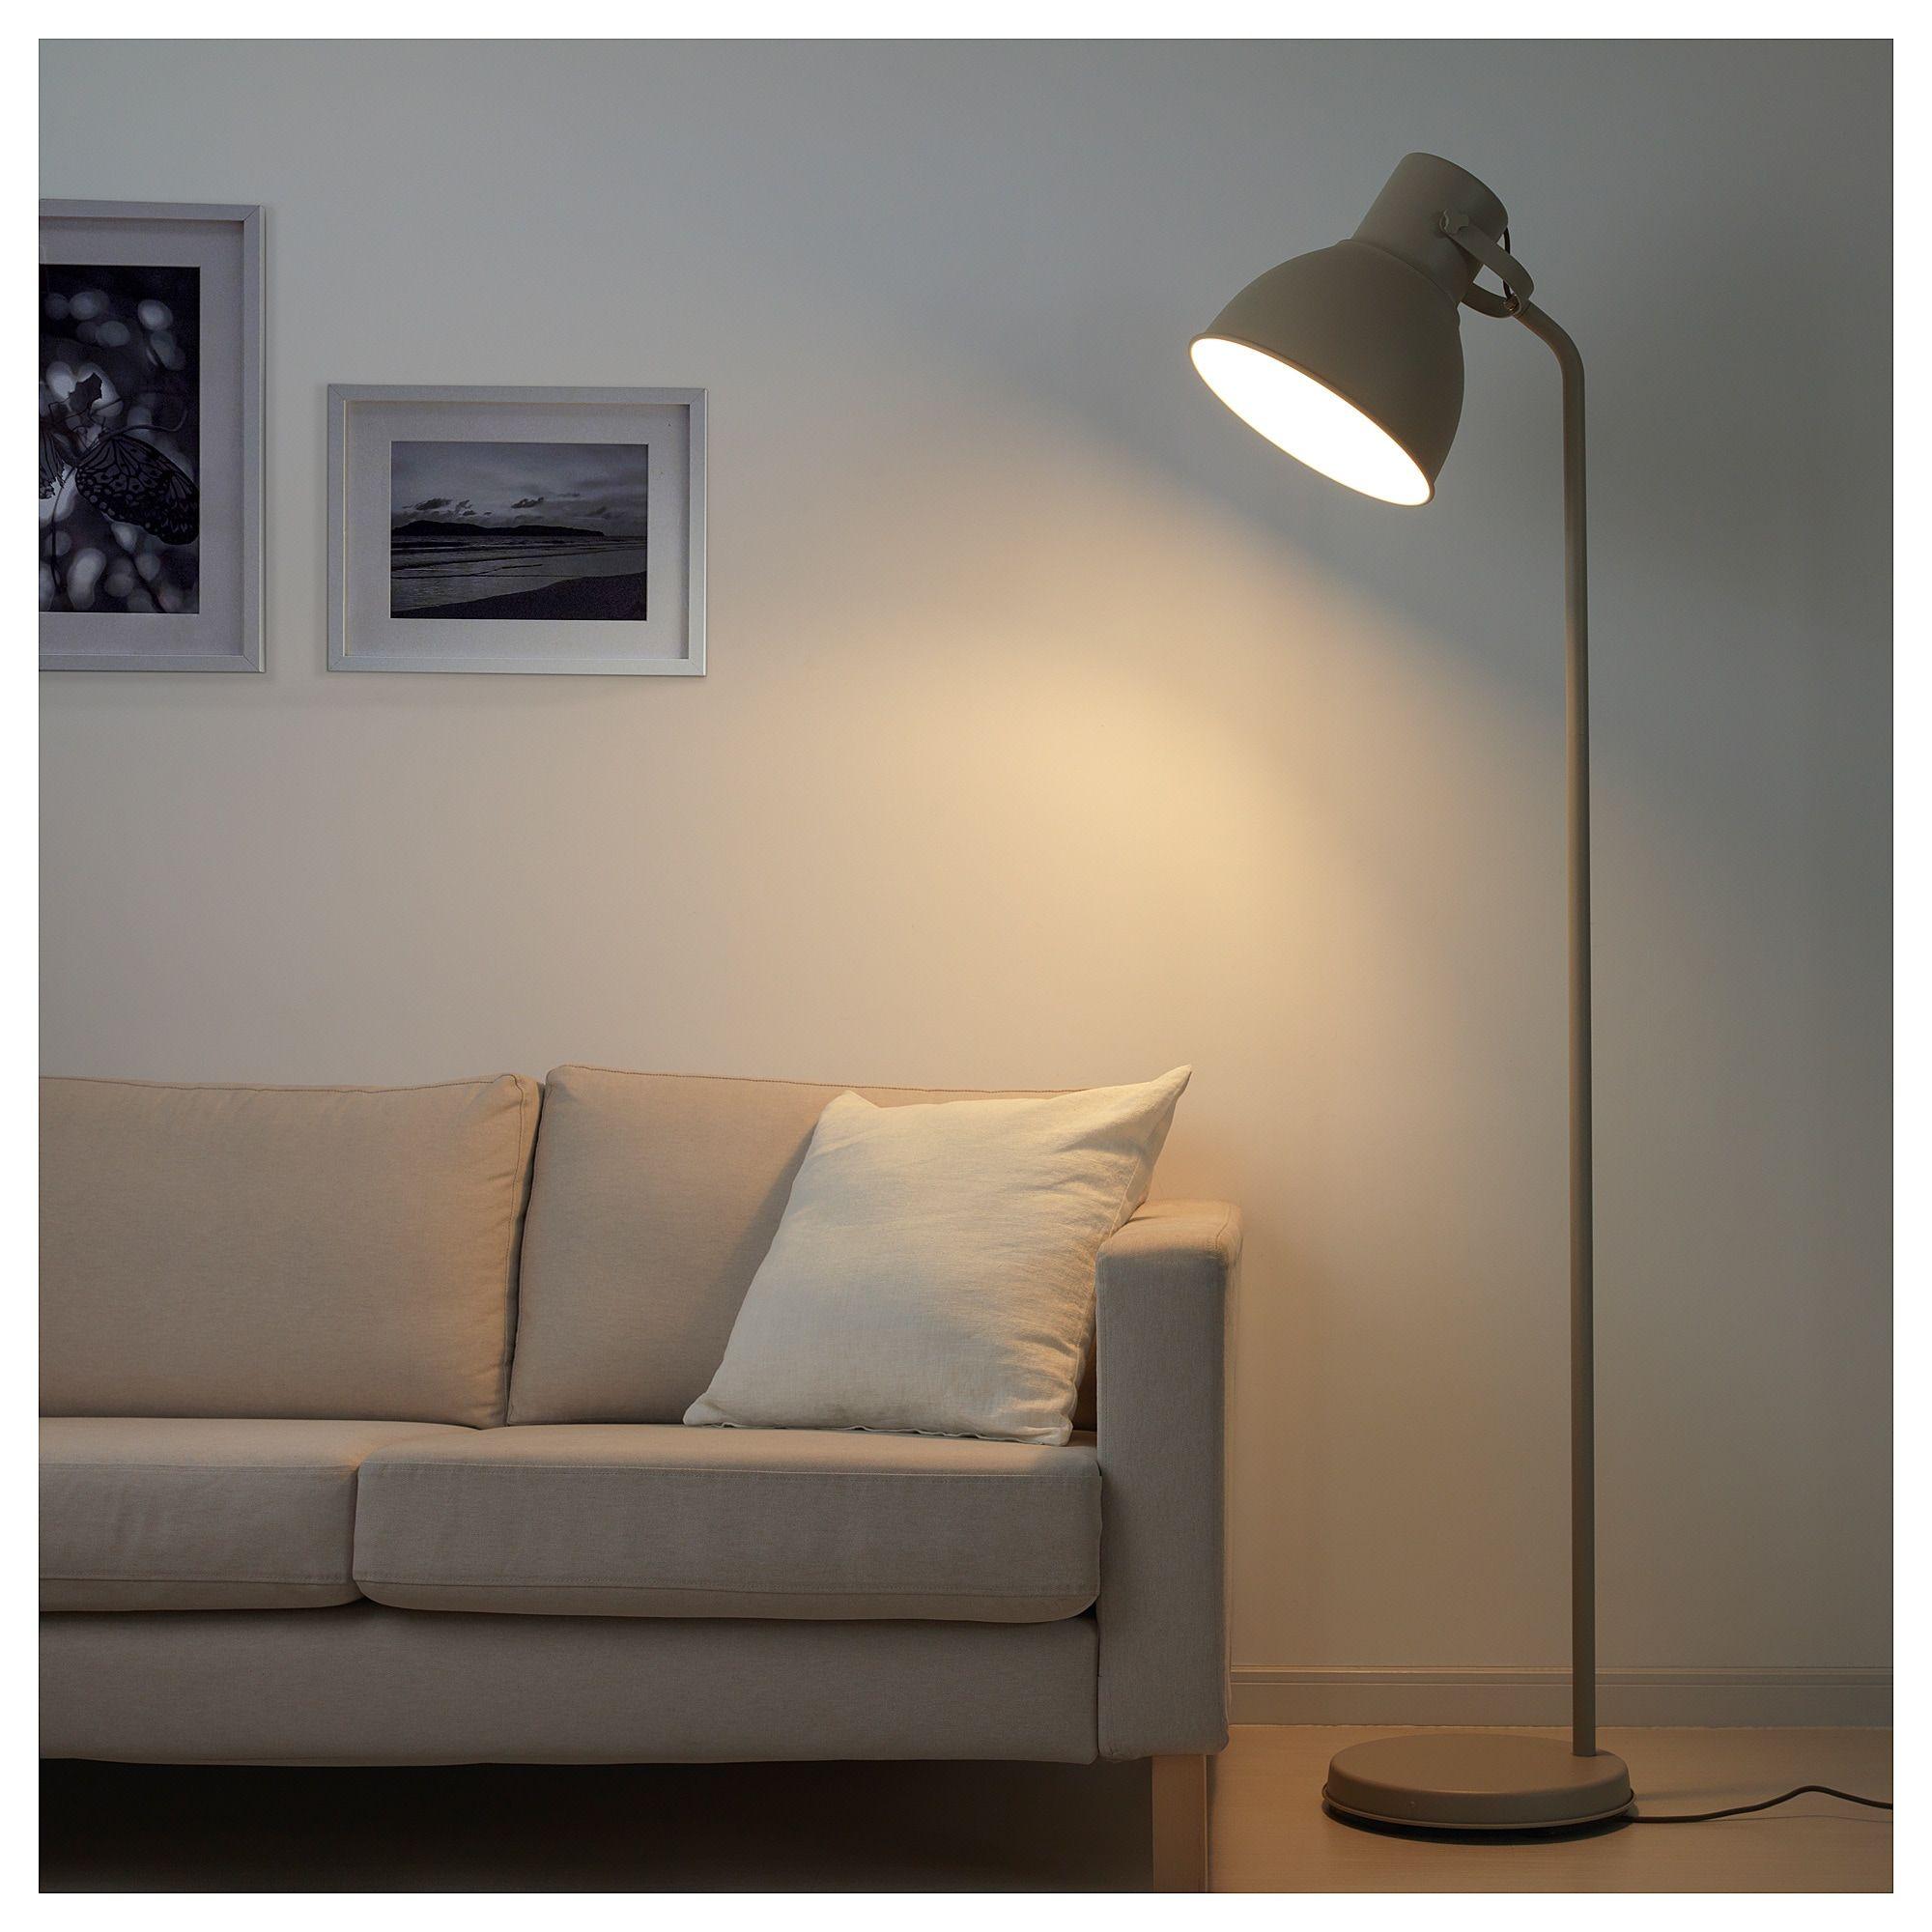 Hektar Lampadaire Beige Lampe Sur Pied Lampadaire Lampes Salon